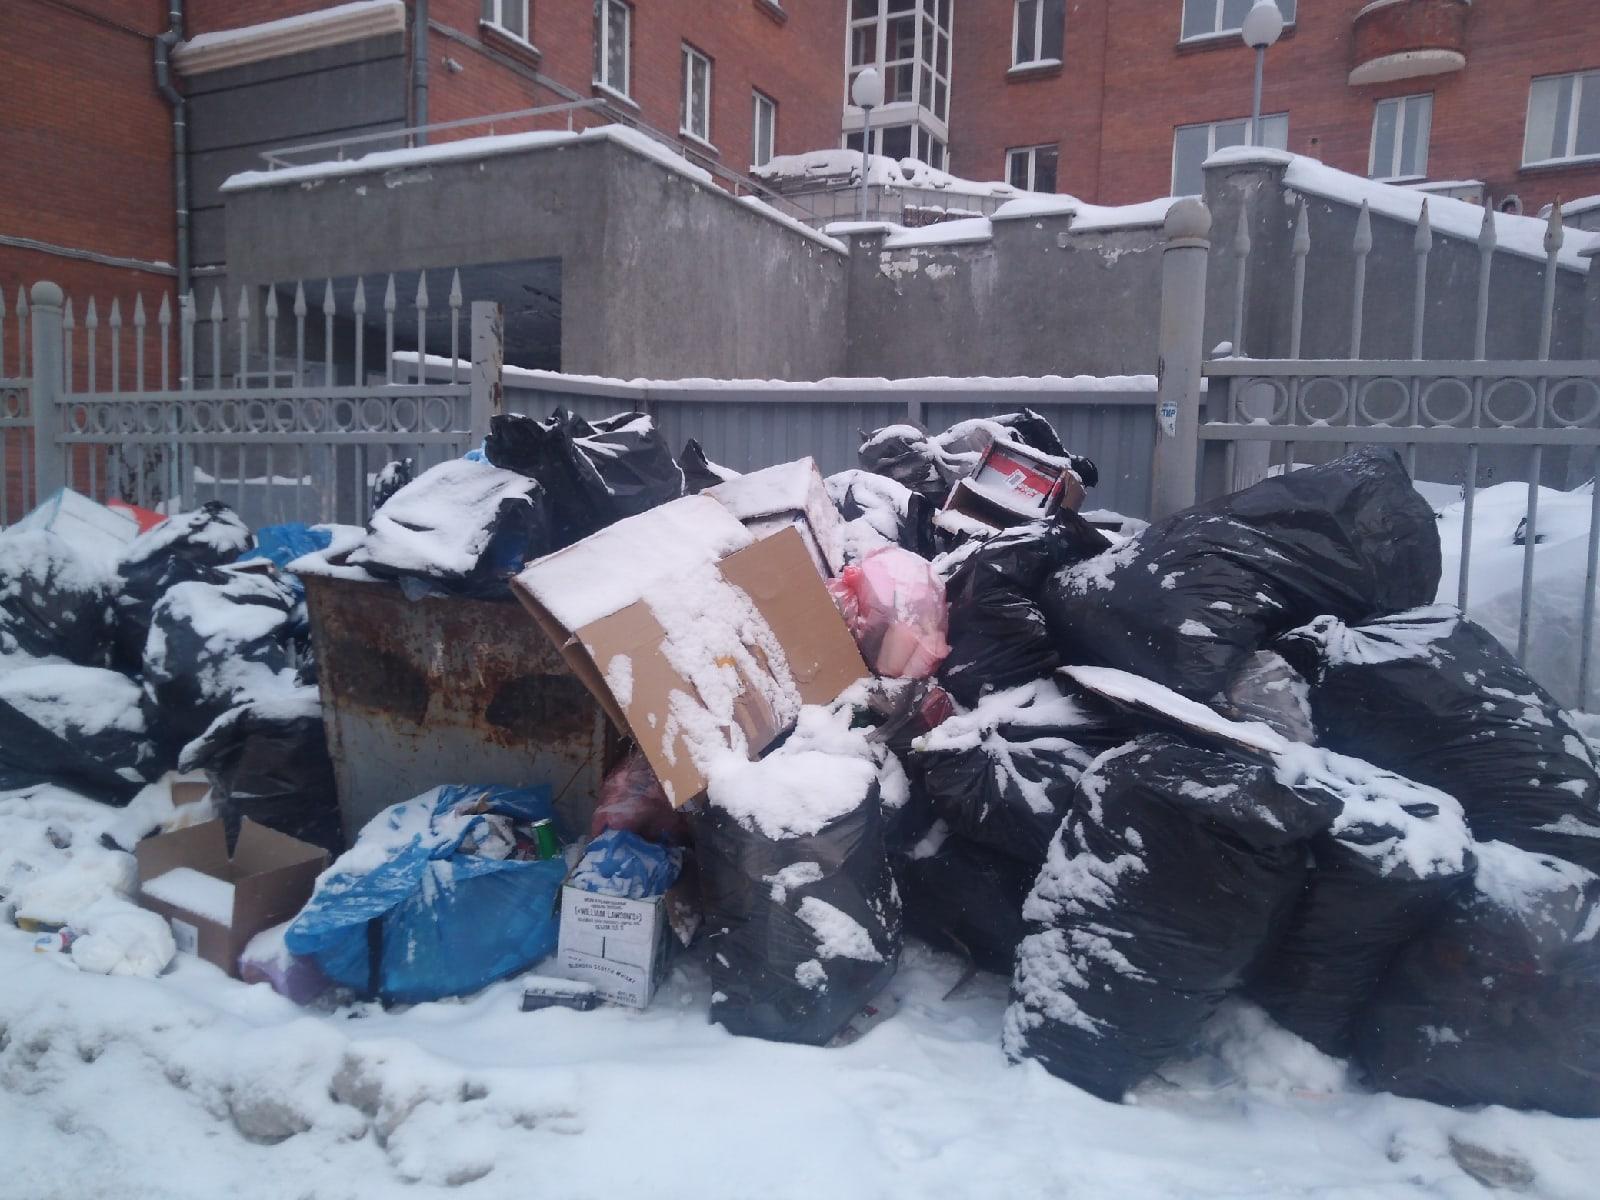 Фото Предновогодний мусорный коллапс возник во дворах Новосибирска: жители взмолились срочно вывезти переполненные баки 2